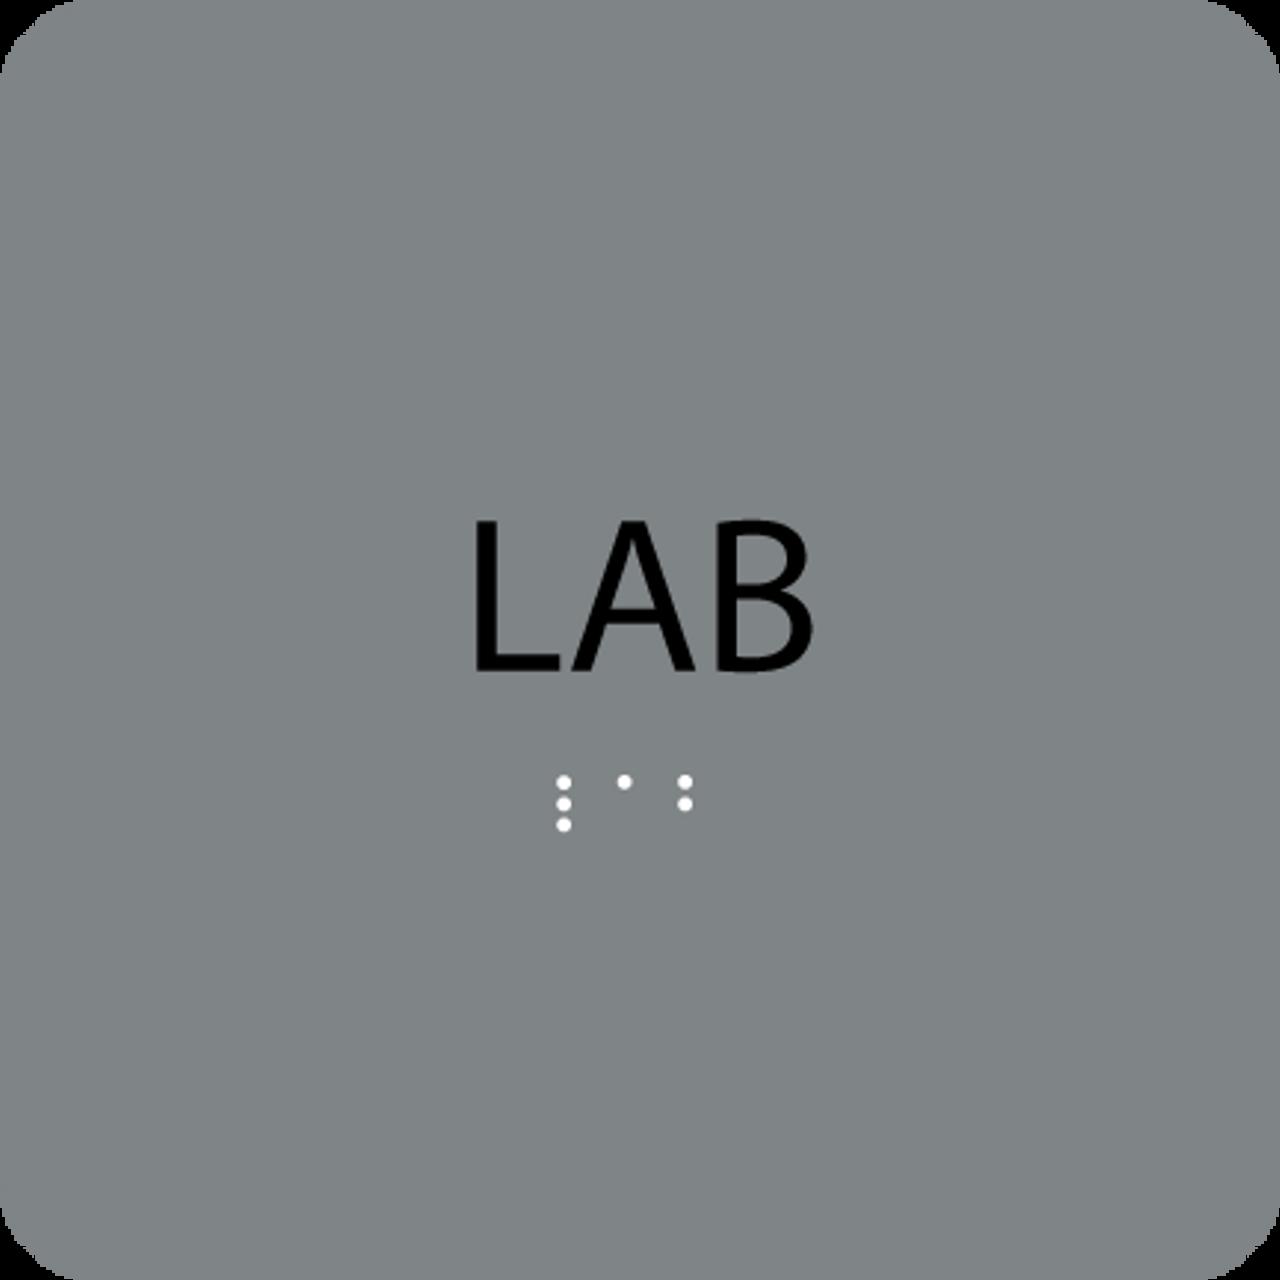 Grey Lab Braille Sign